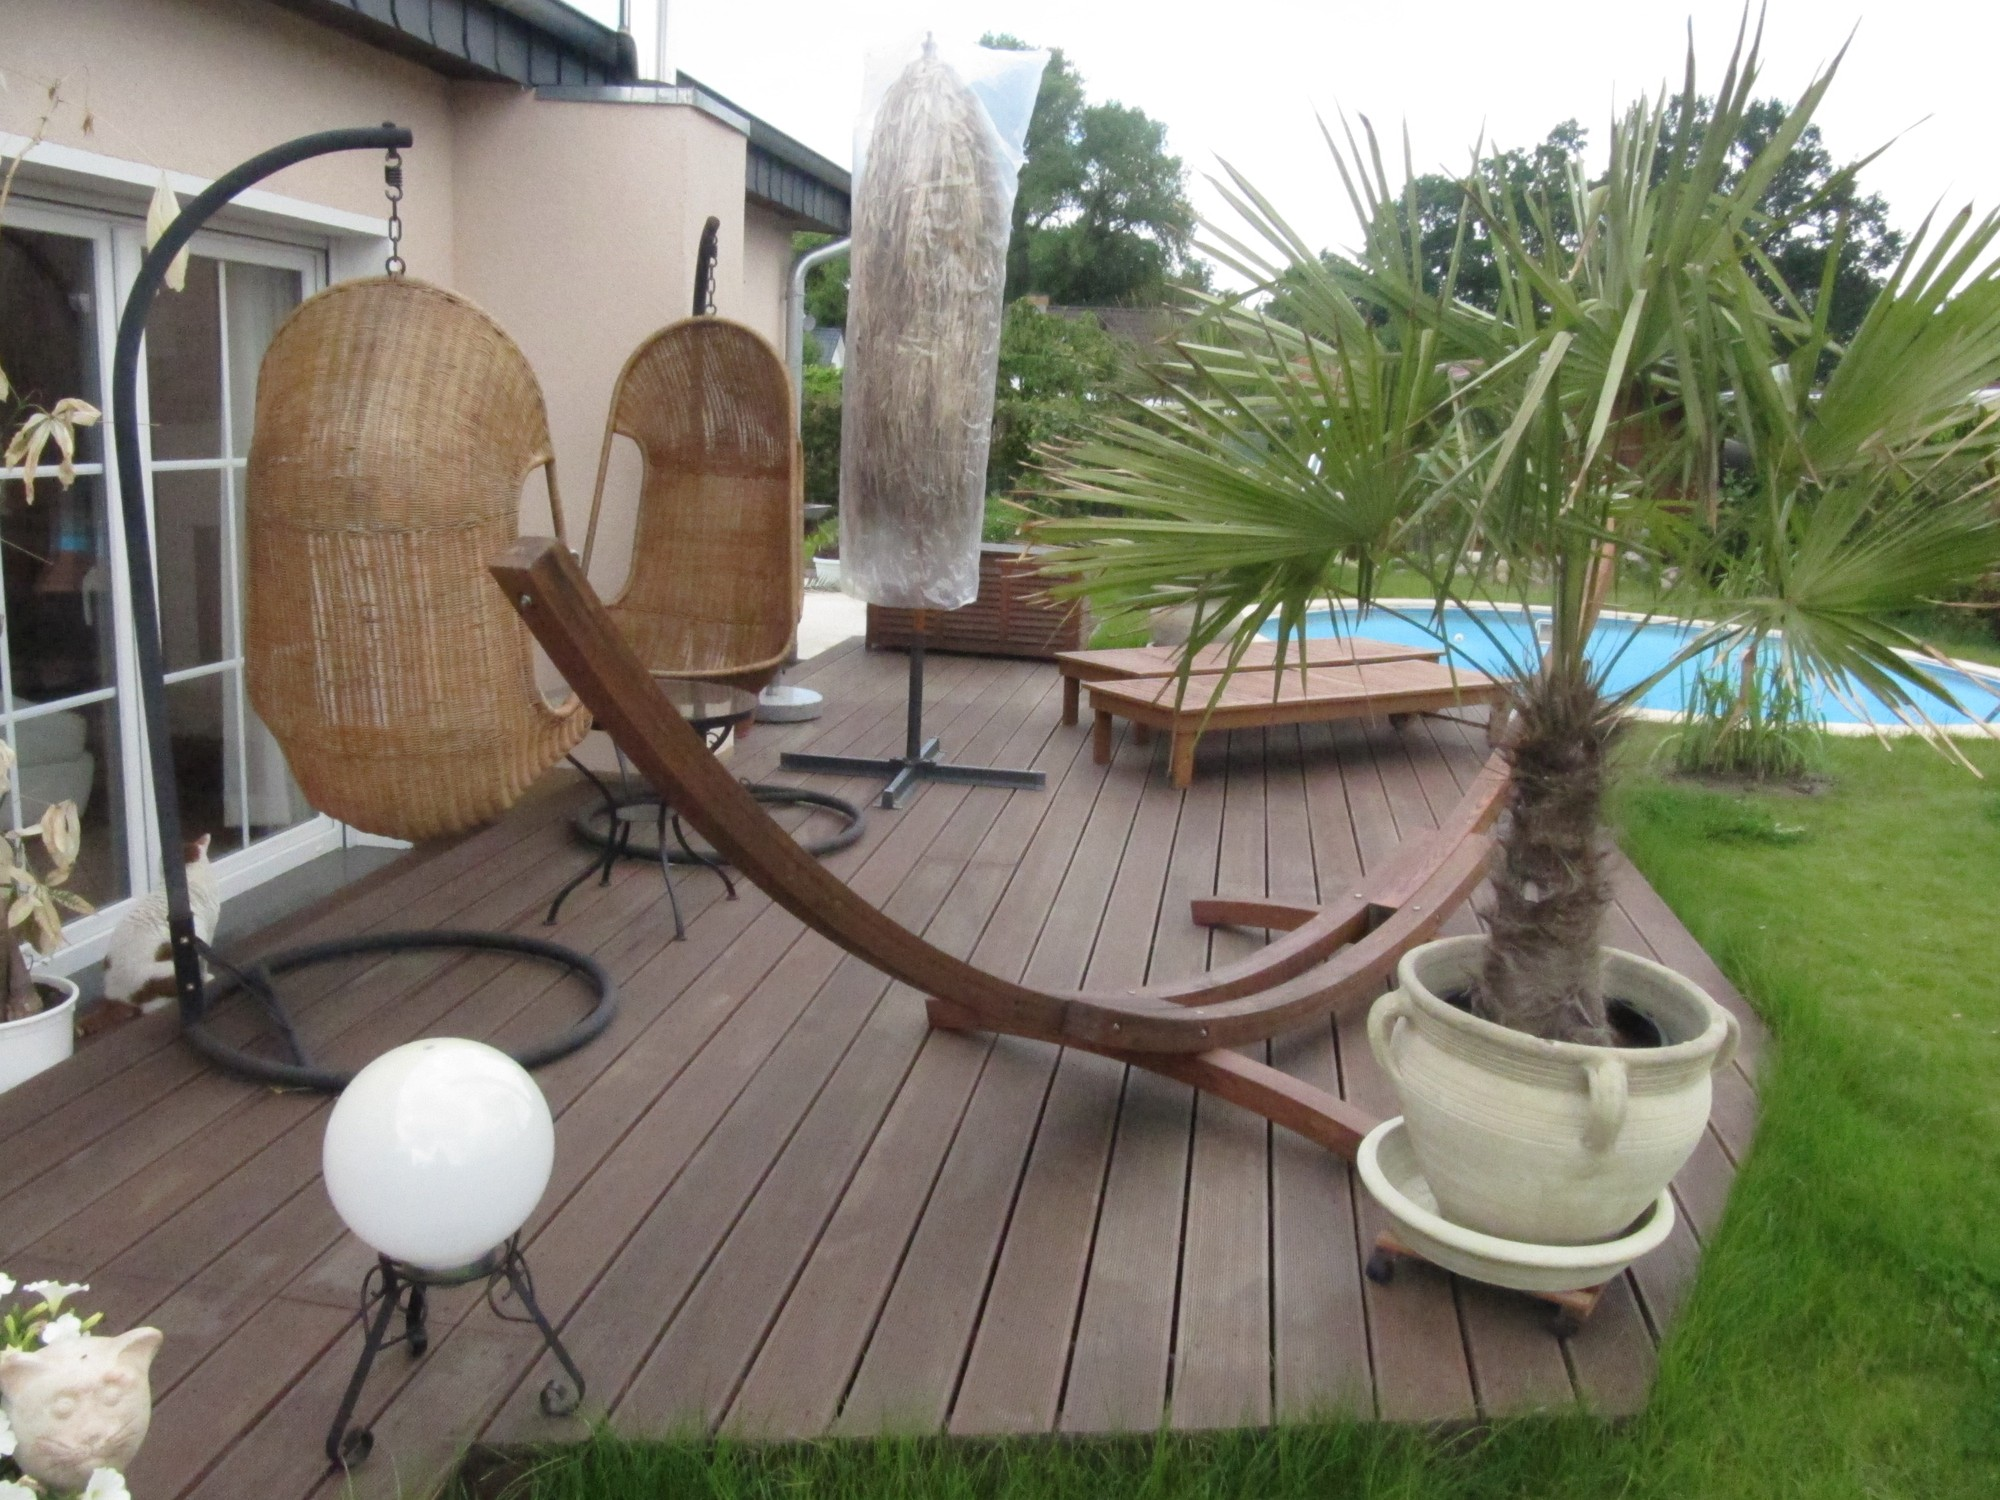 Mediterraner Garten mit anspruchsvollen Steinarbeiten Terrasse mit südfranzösischem Flair